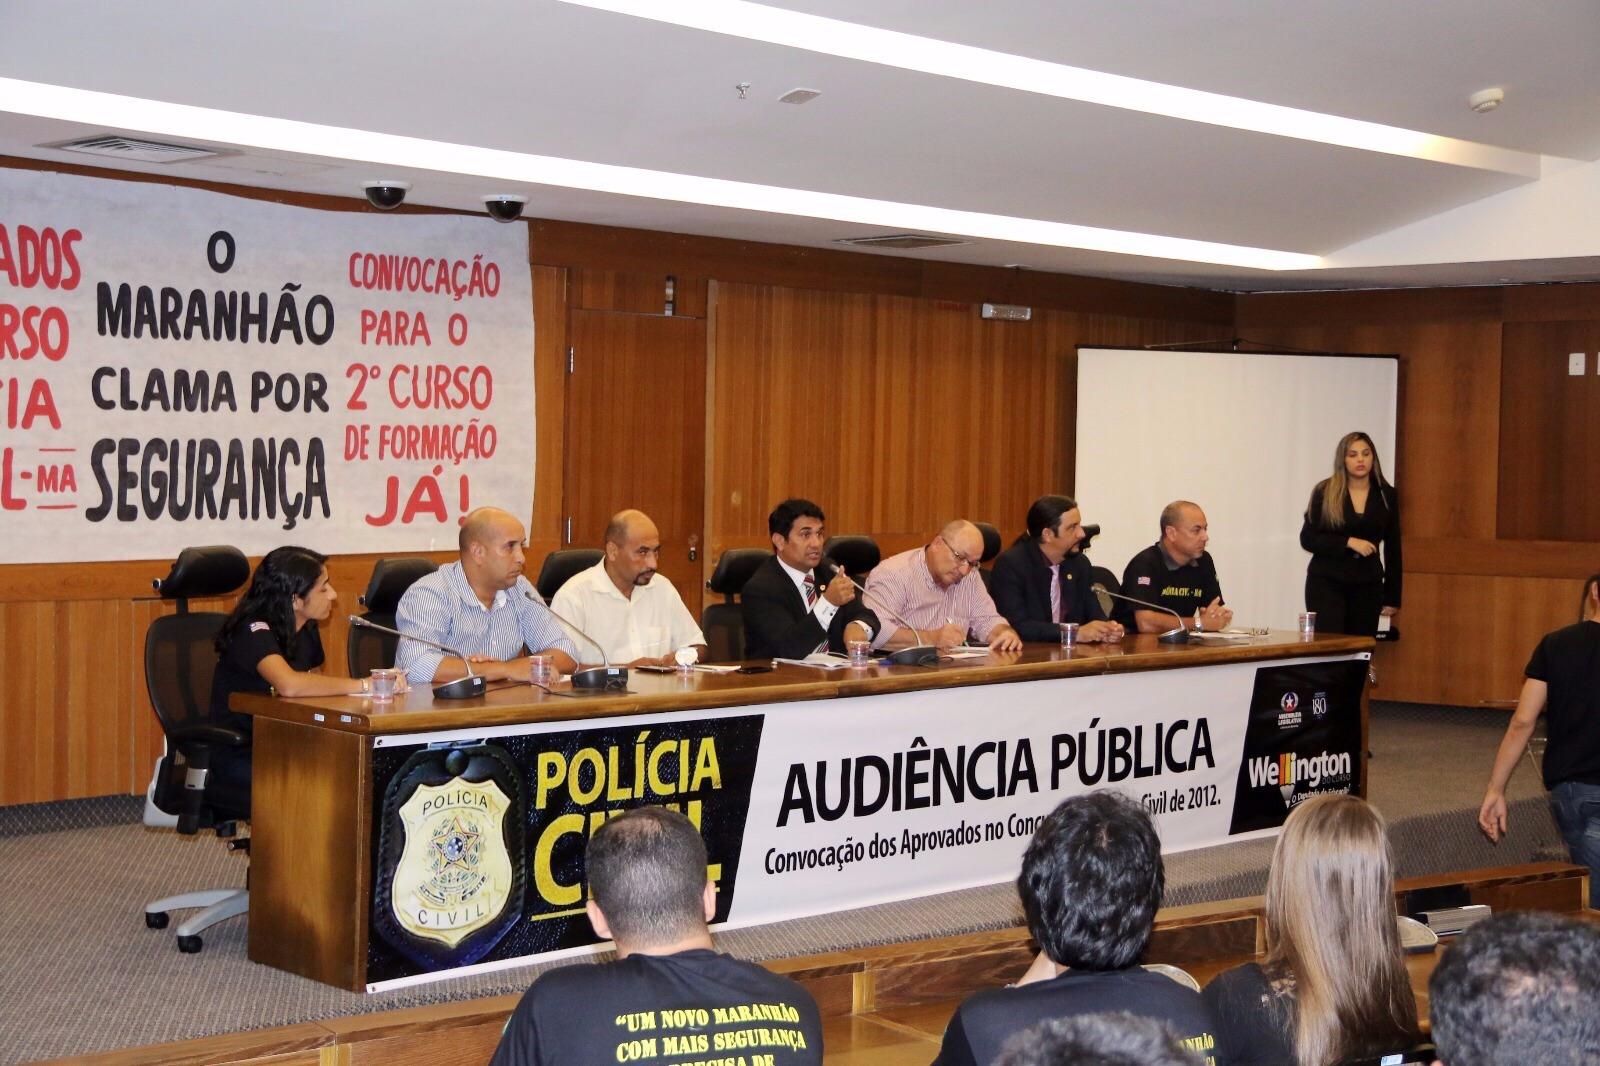 Wellington realiza Audiência Pública em defesa dos aprovados da Polícia Civil